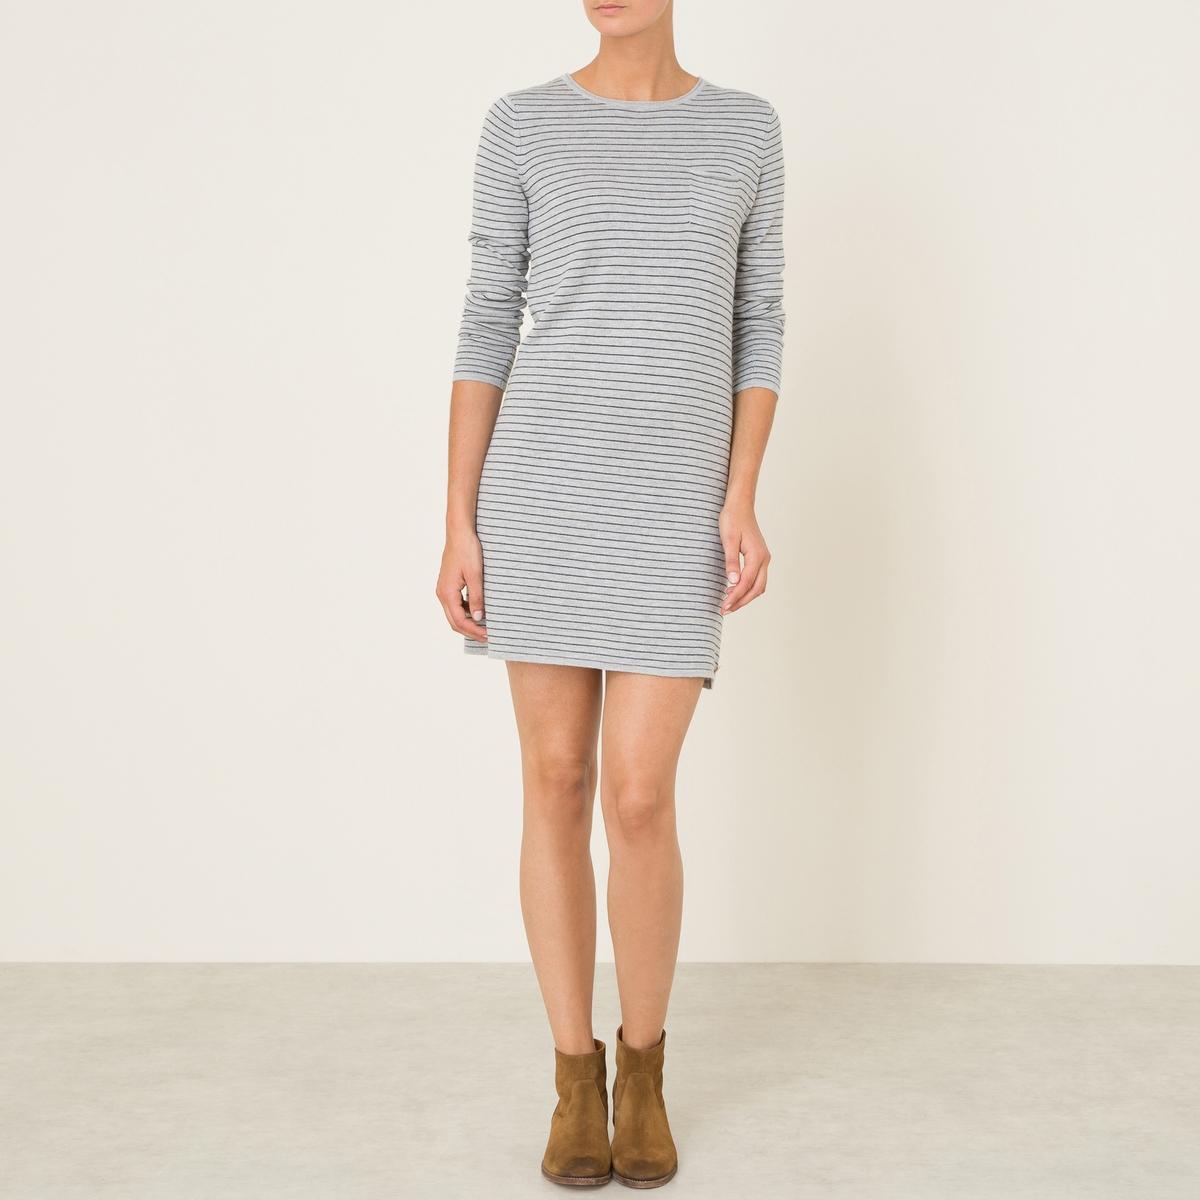 Платье-миди TANTALEПлатье-миди HARRIS WILSON - модель TANTALE. Трикотаж в полоску. Свободный вырез. 1 нагрудный карман. Длинные рукава. Состав и описание Материал : 30% хлопка, 30% полиамида, 25% шерсти, 12% вискозы, 3% кашемираДлина : 85 см (для размера 2)Марка : HARRIS WILSON<br><br>Цвет: серый/ темно-синий<br>Размер: S